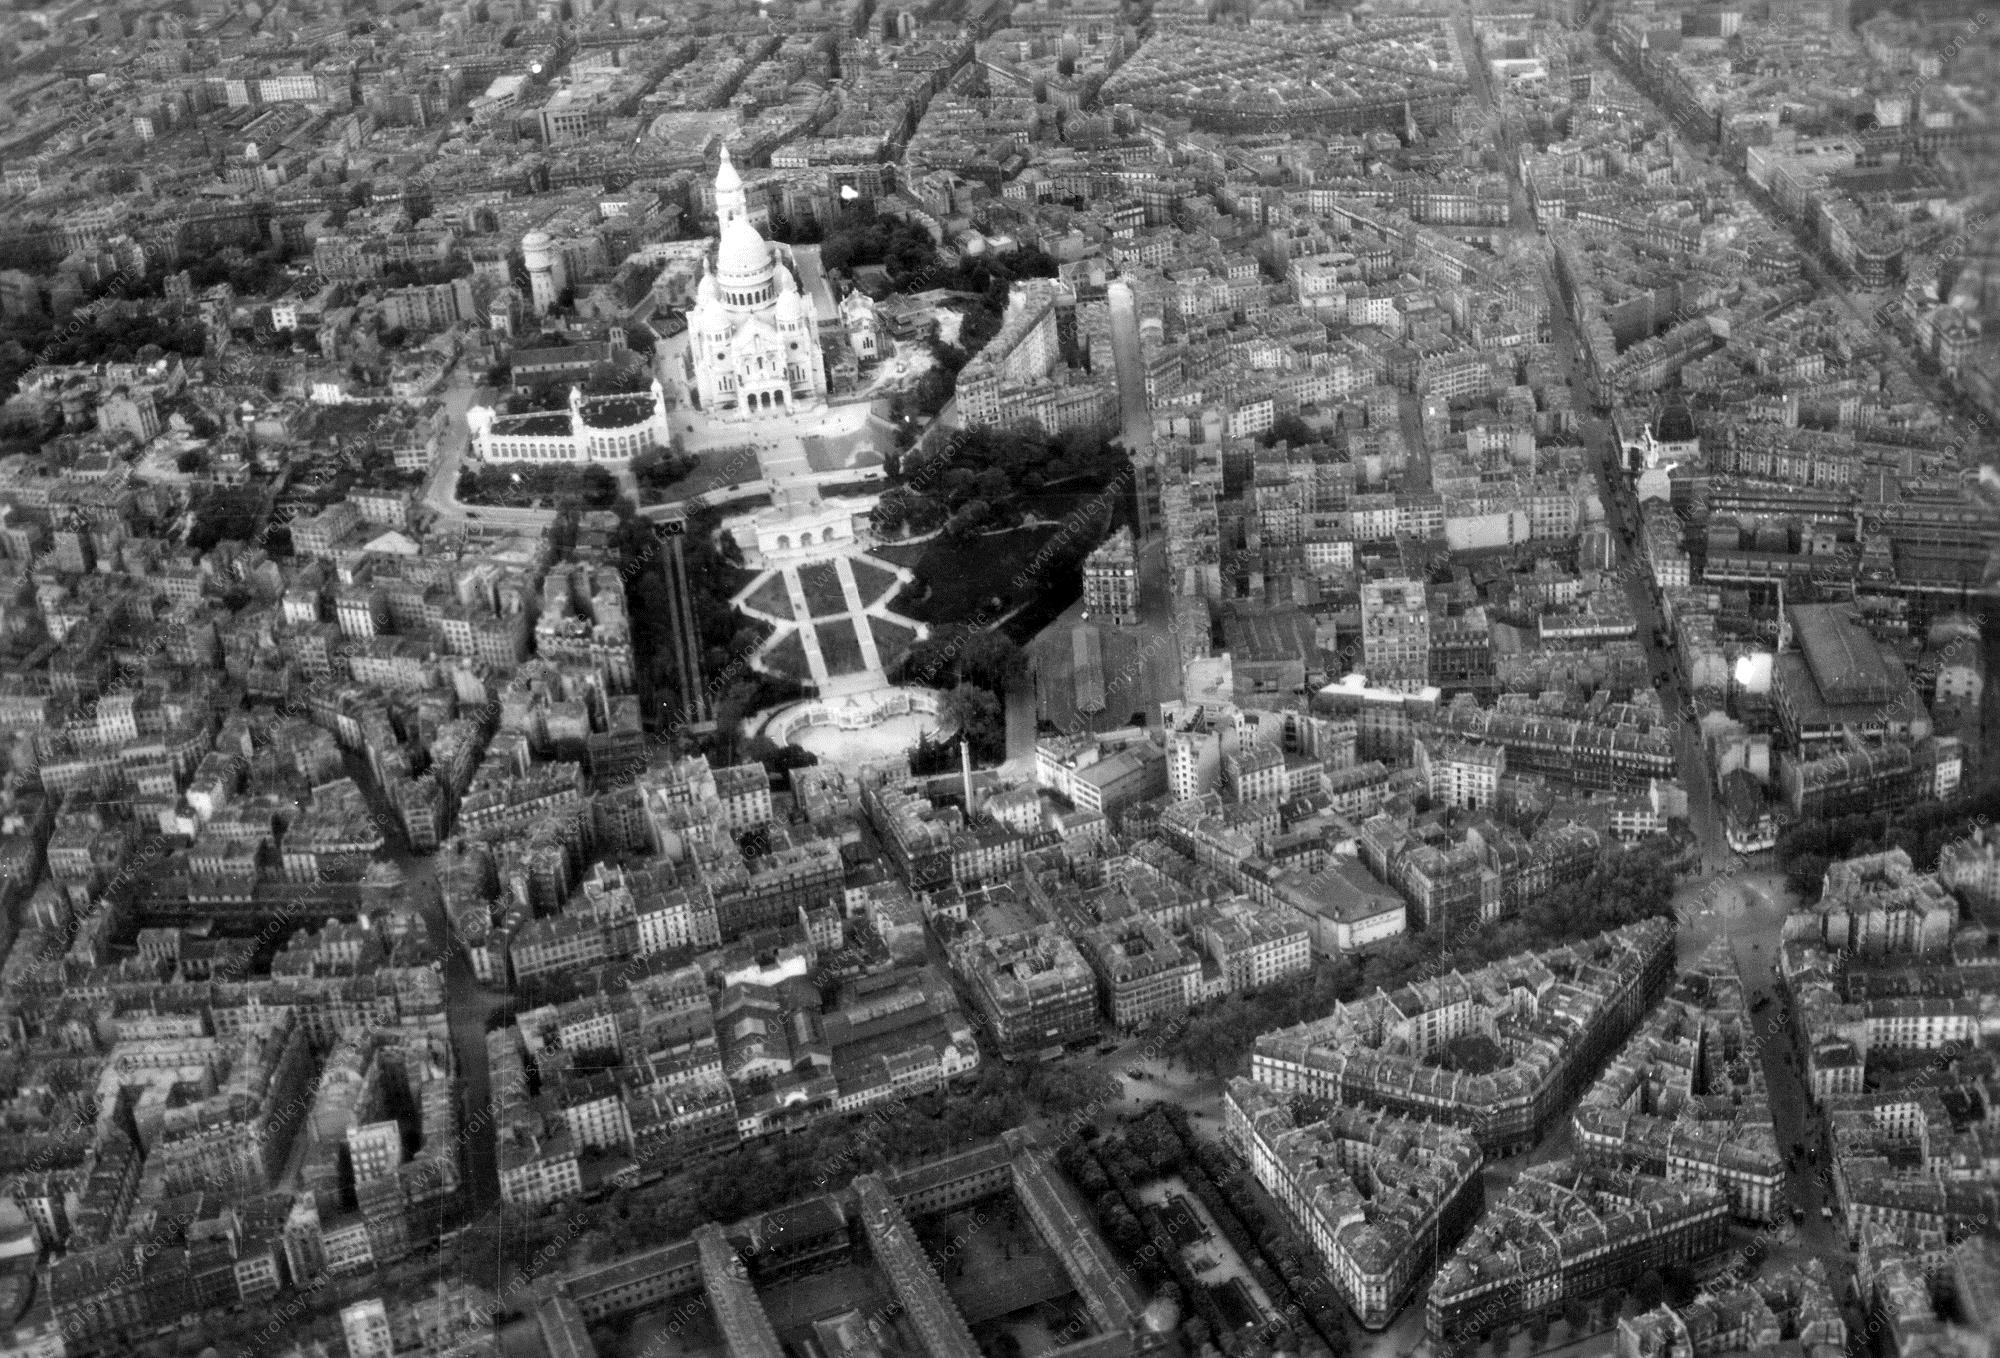 Paris Basilique du Sacré-Cœur de Montmartre 2/2 - Photographie aérienne ancienne